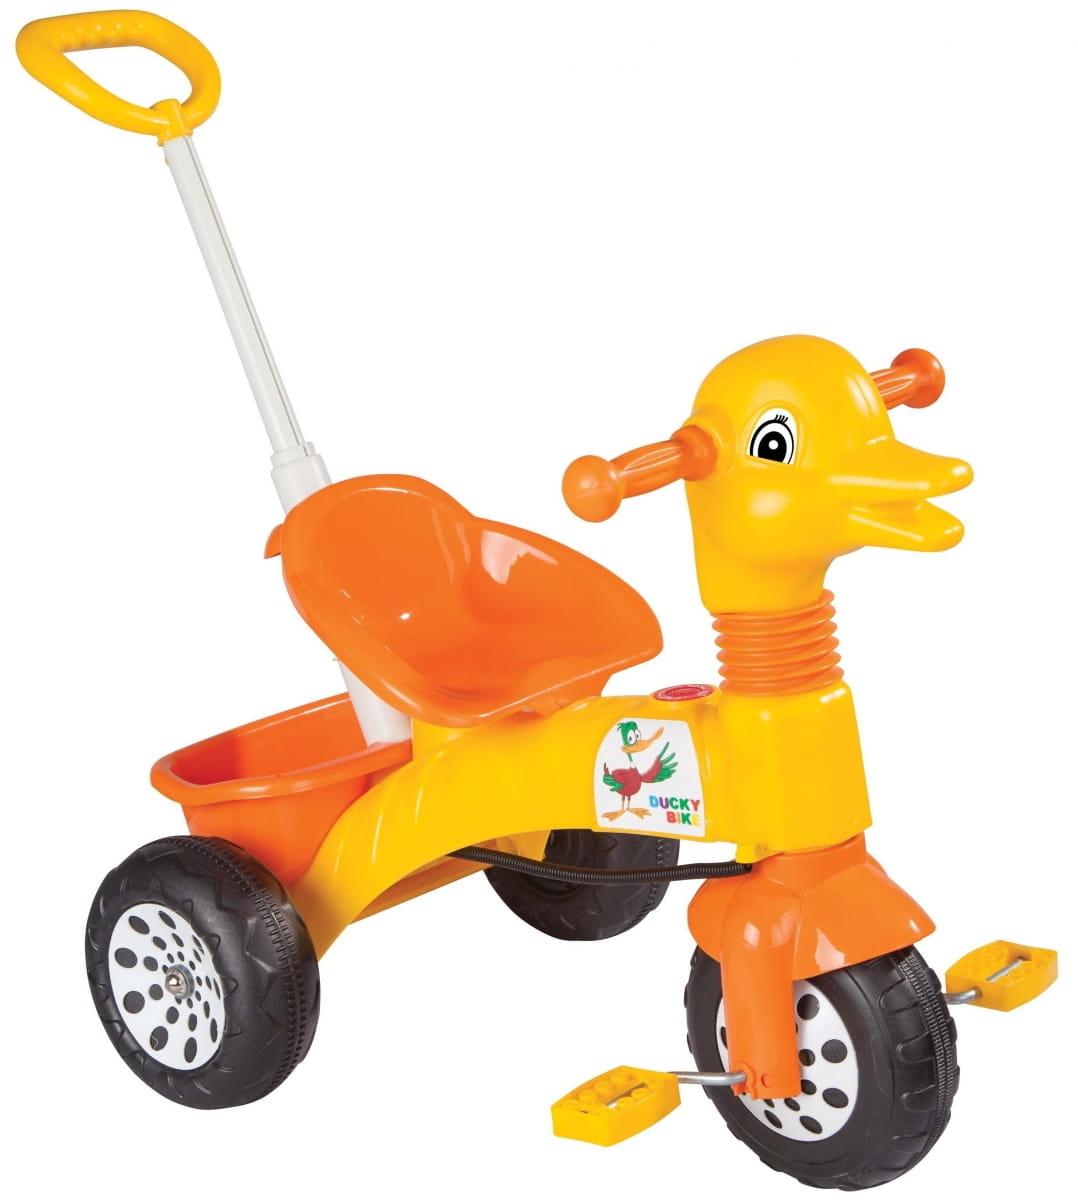 Детский трехколесный велосипед Pilsan Ducky с регулируемой ручкой